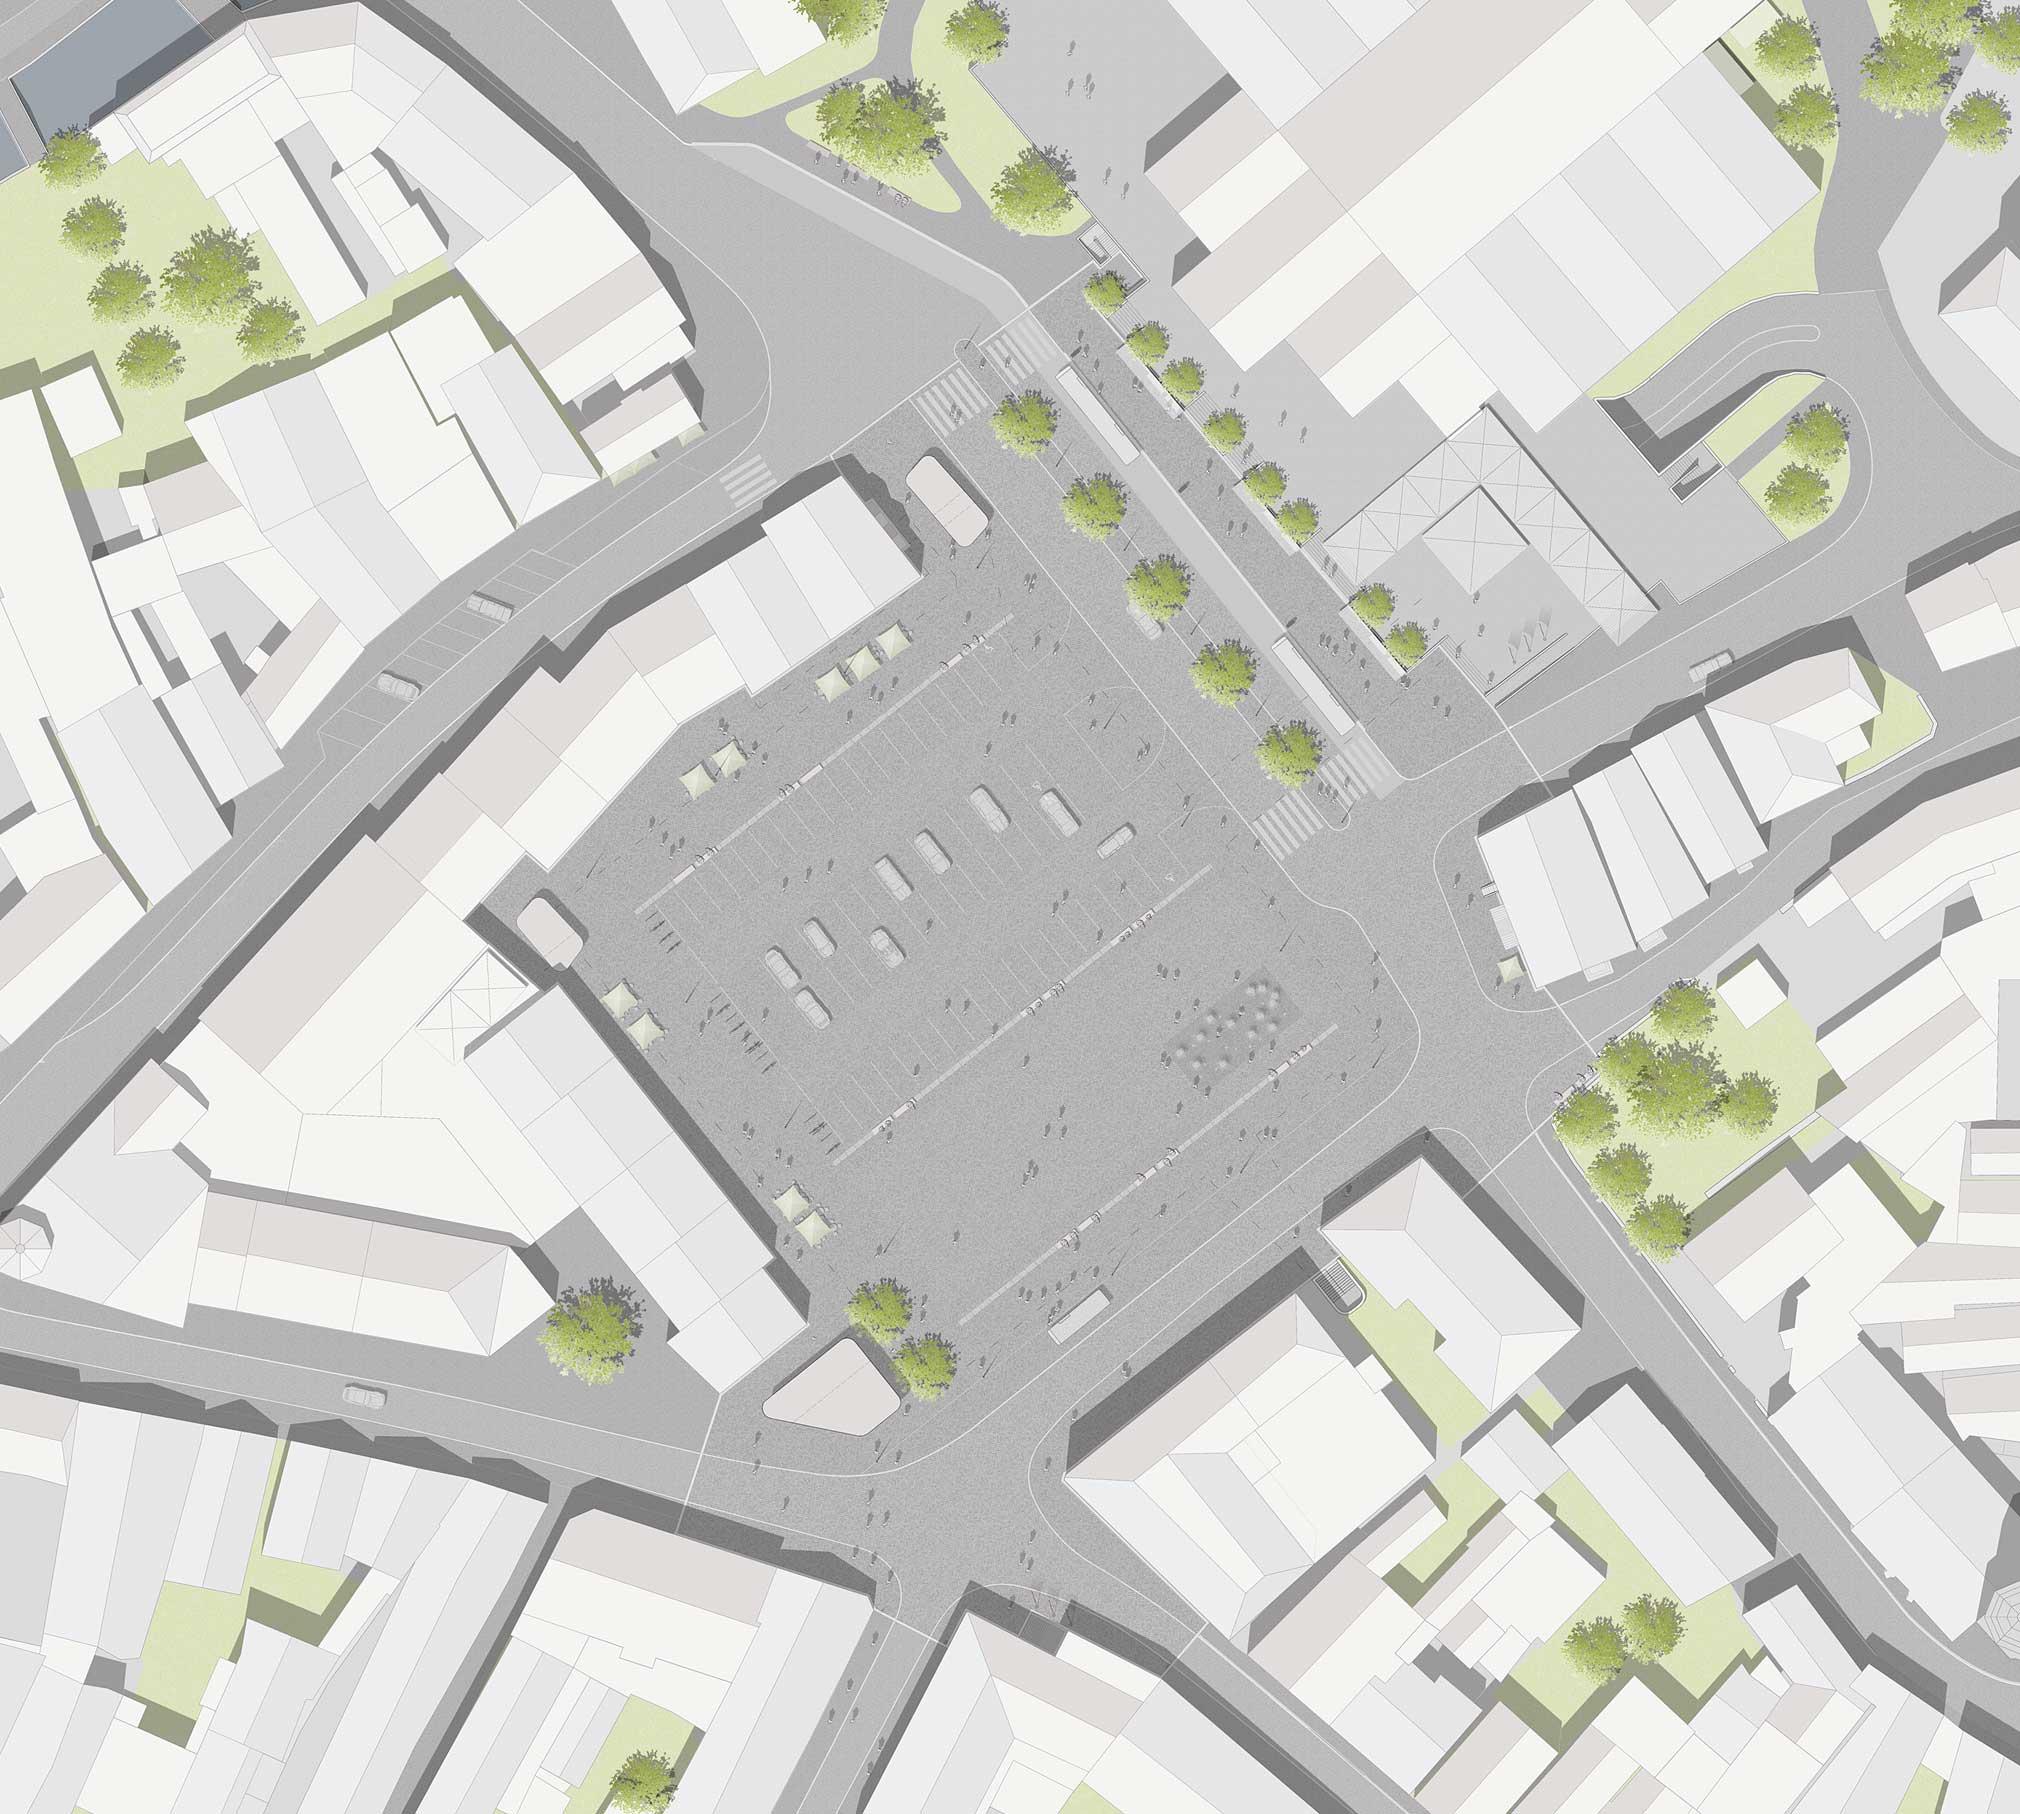 Landschaftsarchitektur Gestaltung Zentralparkplatz Kulmbach - Detail